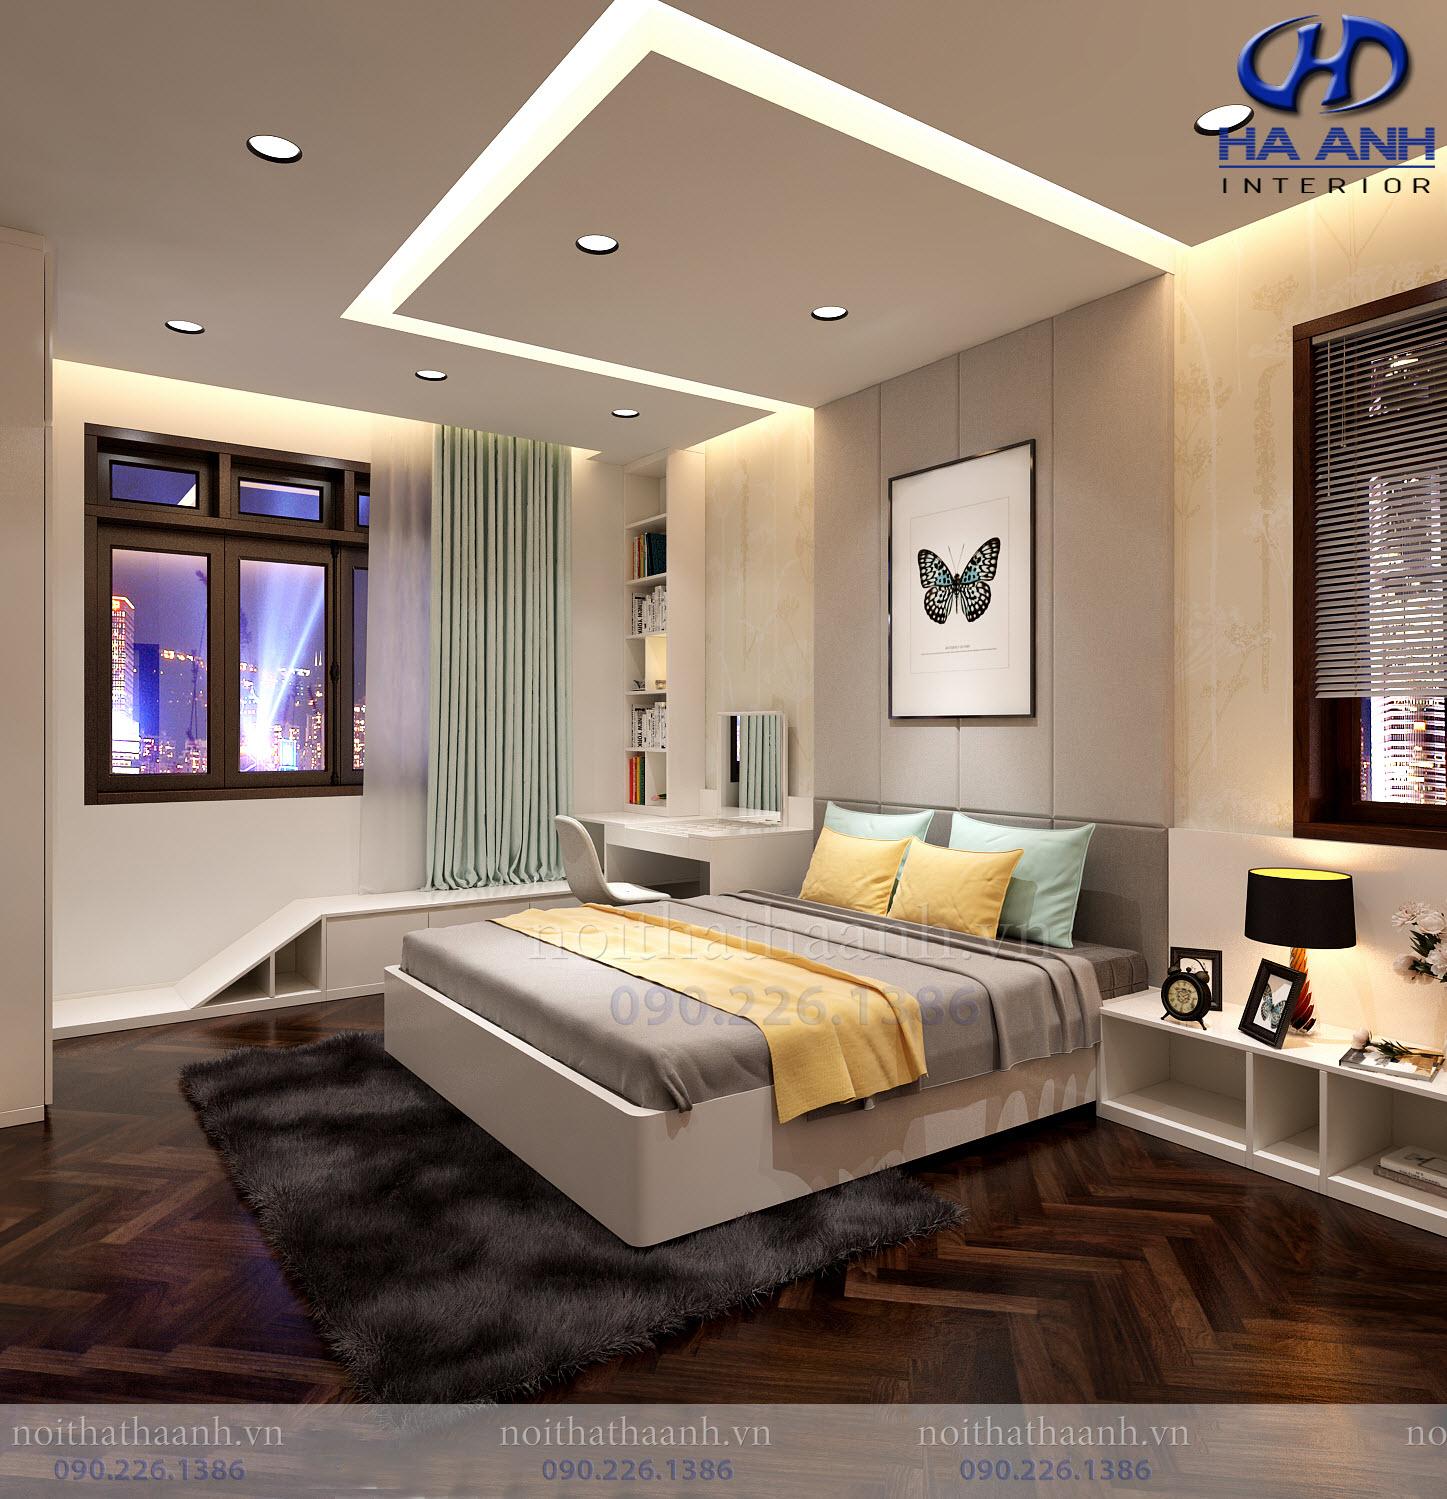 Thiết kế và thi công nội thất gia đình chị Vân TP Sơn La-4